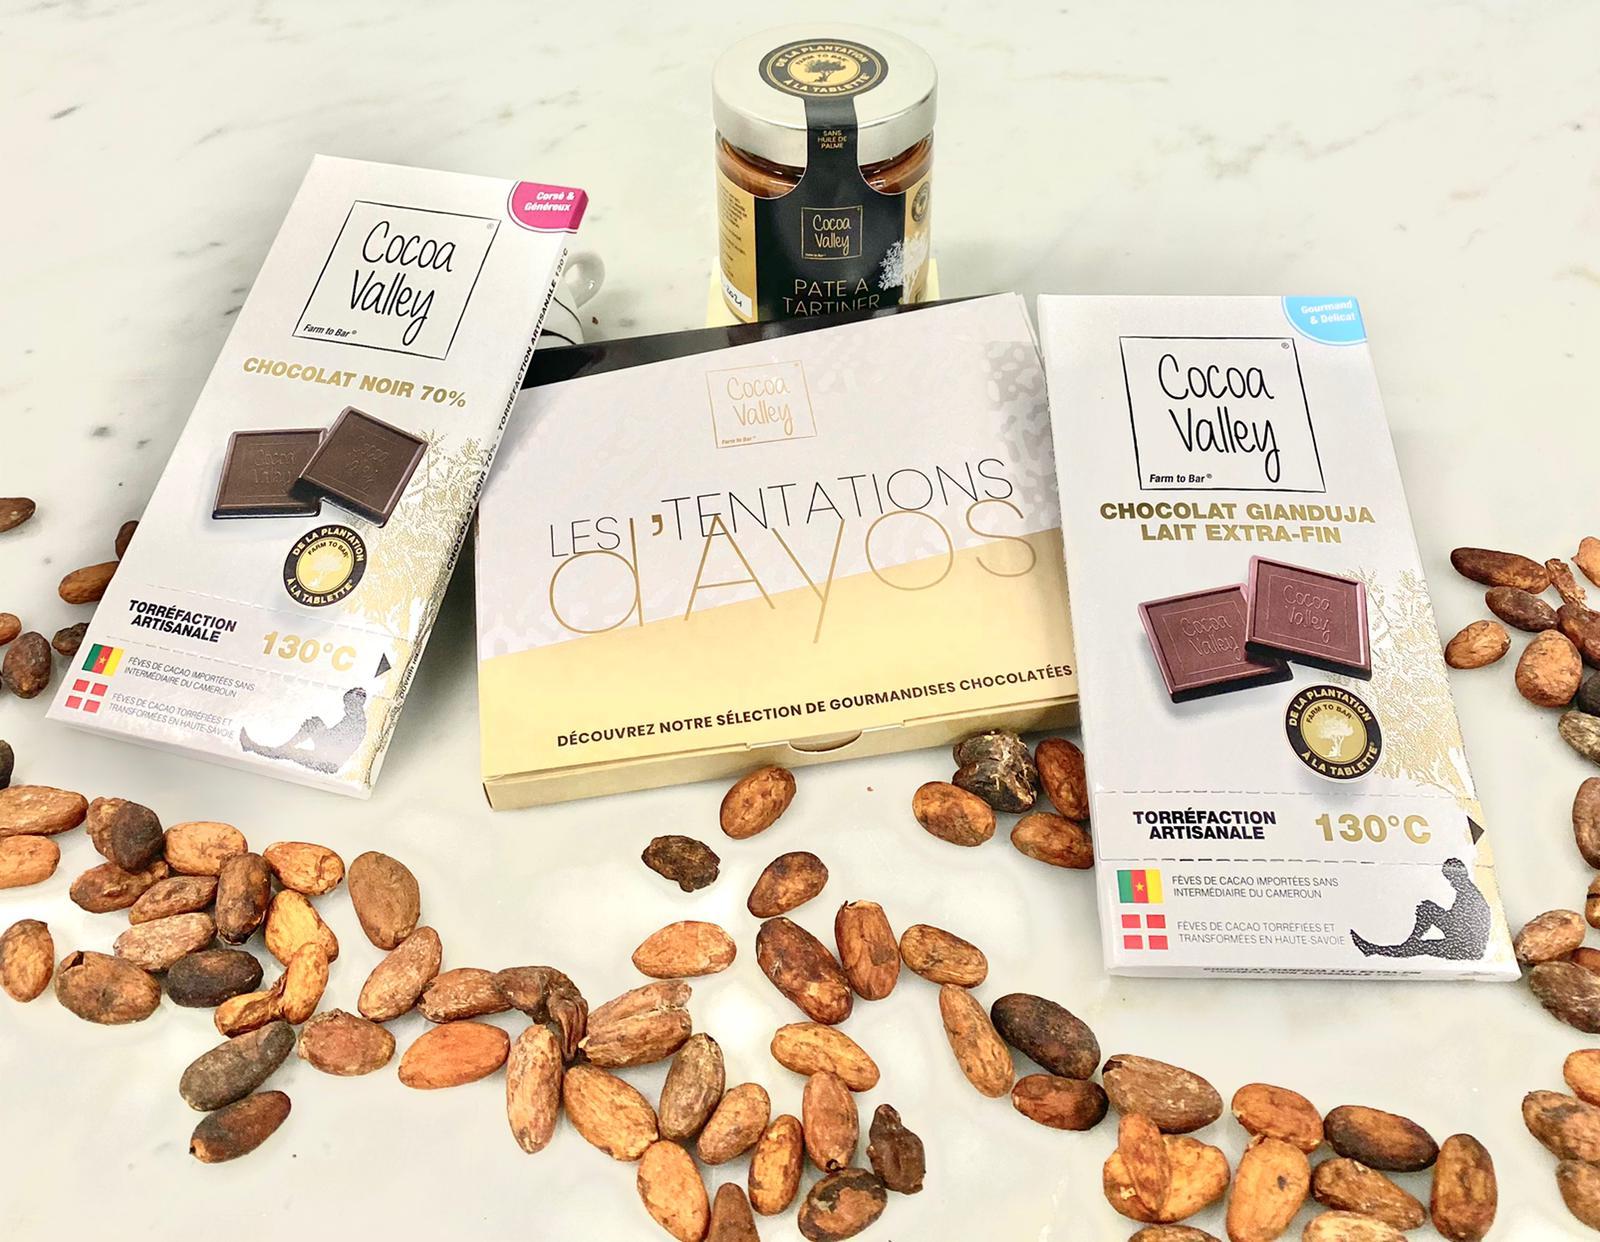 Cameroun : une nouvelle usine de production chocolatière en voie de s'implanter dans le pays